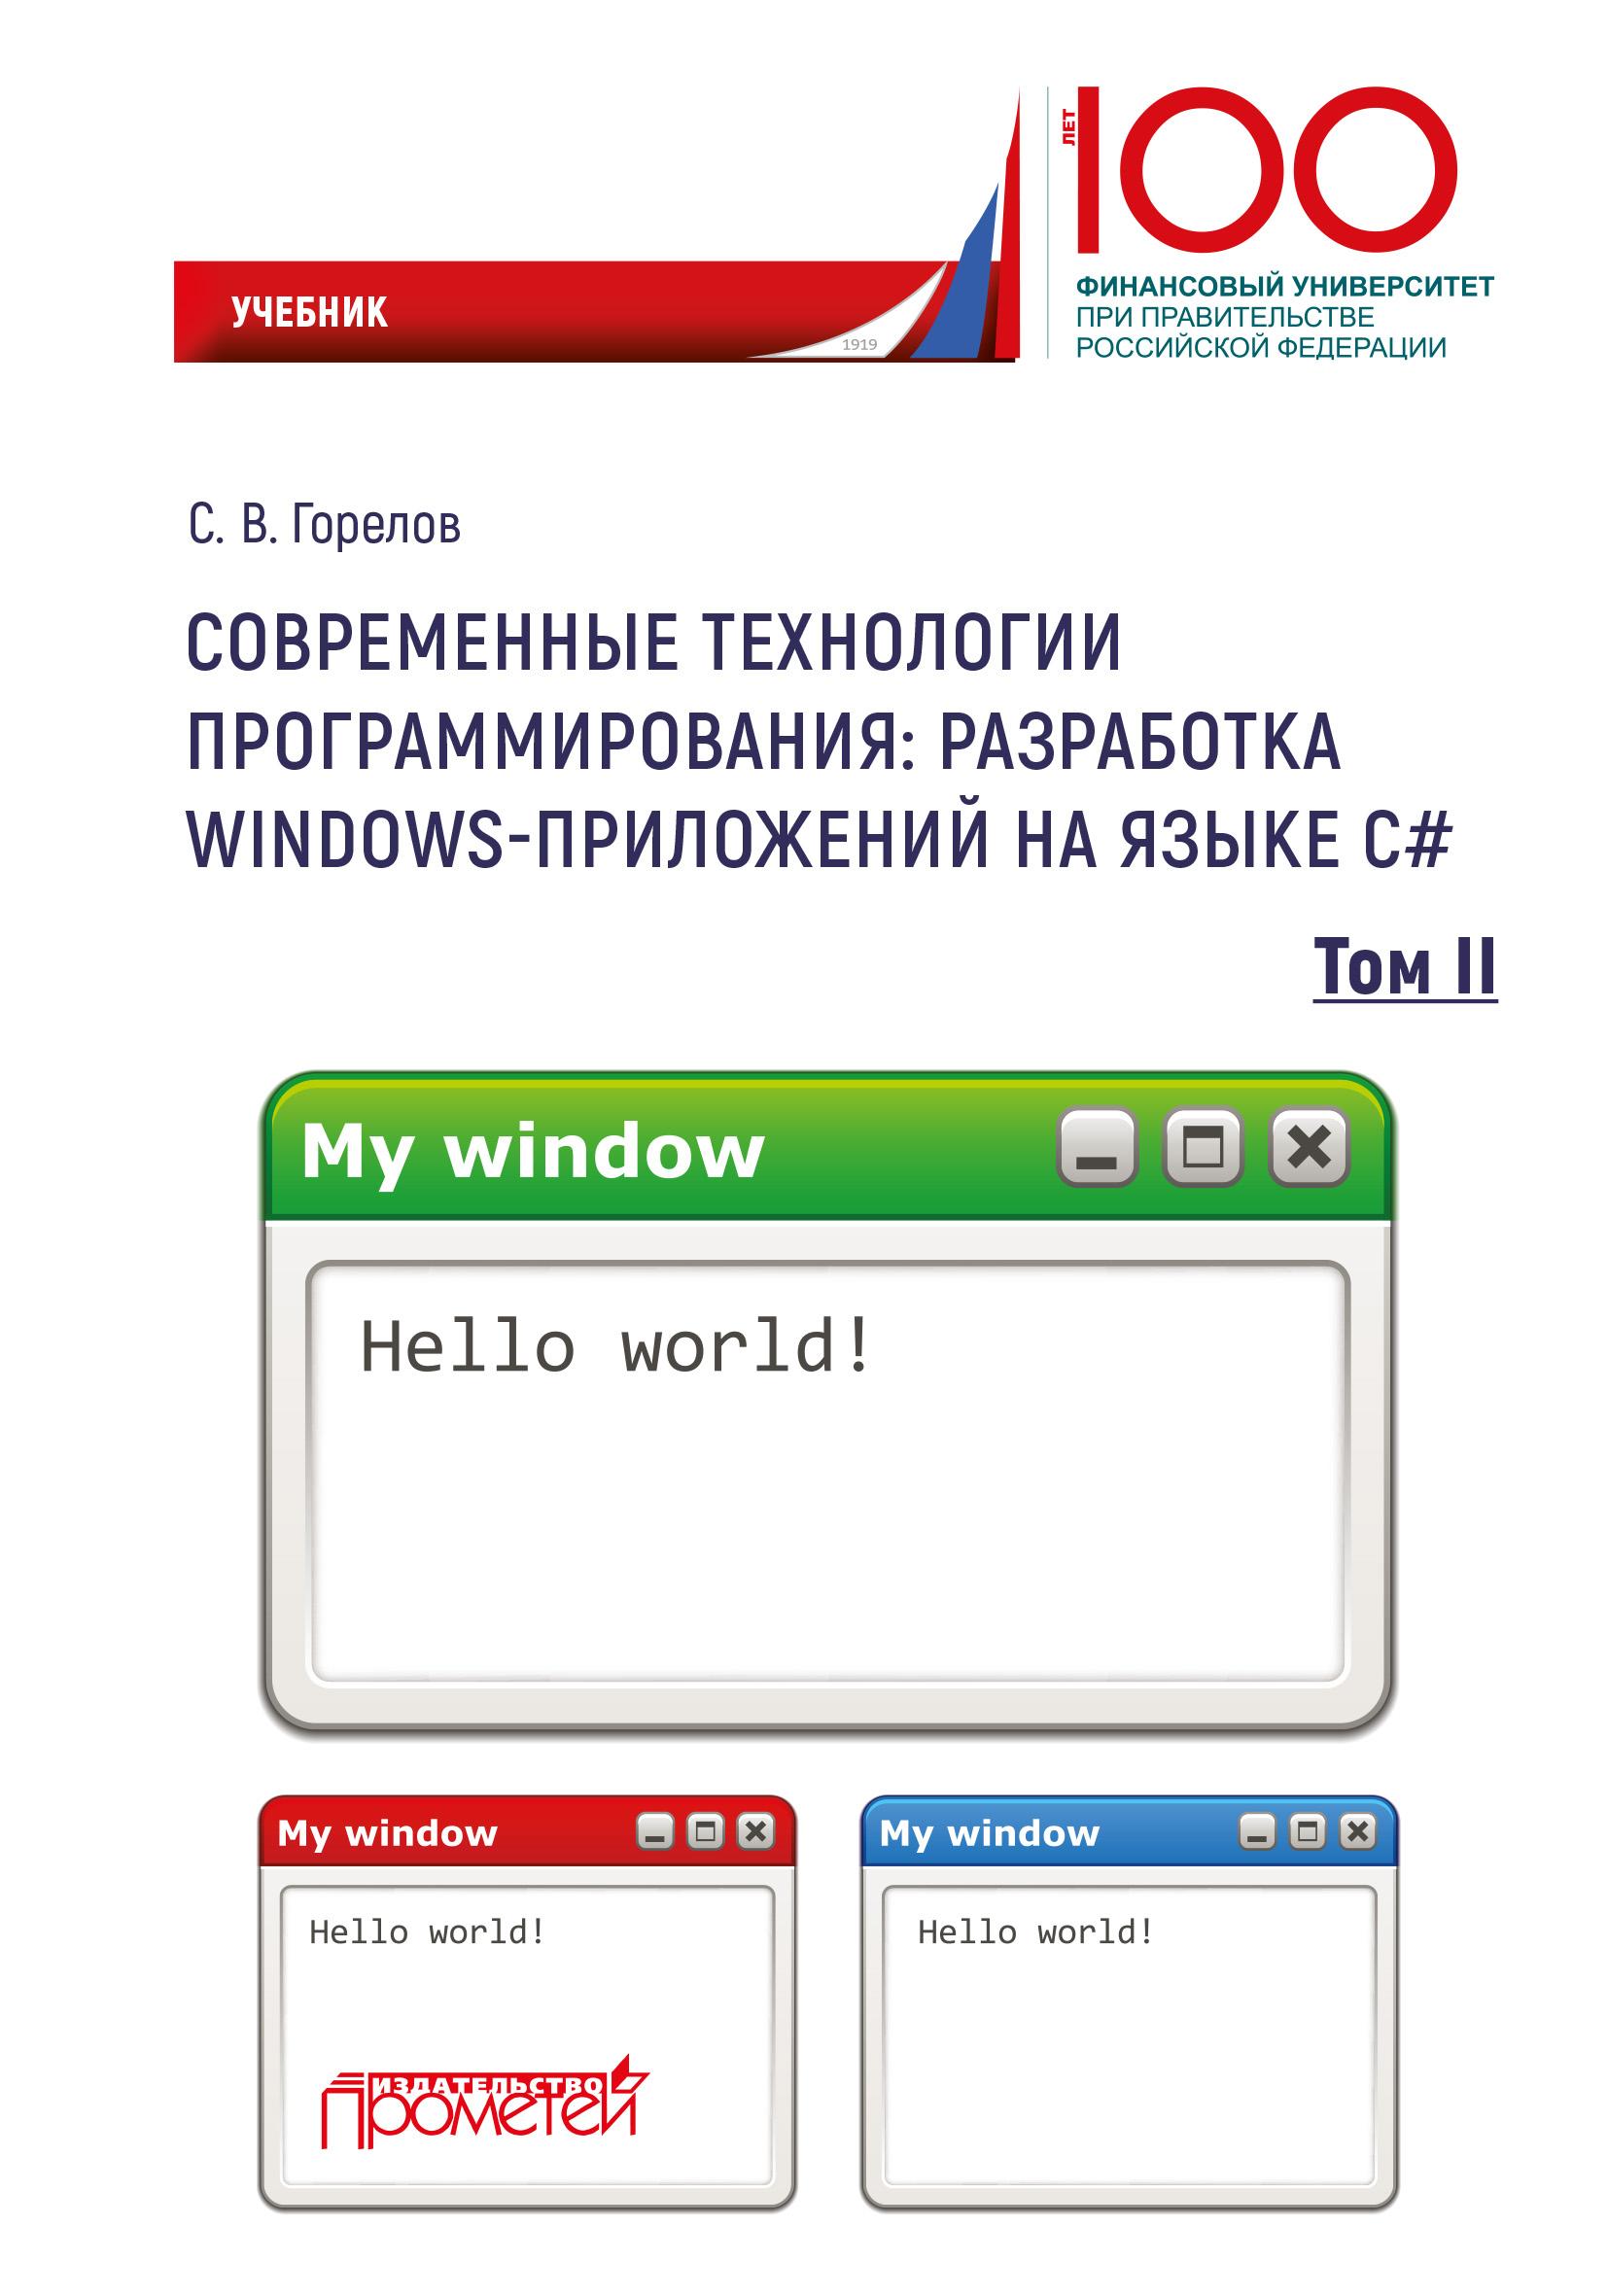 С. В. Горелов Современные технологии программирования: разработка Windows-приложений на языке С#. Том 2 с в горелов современные технологии программирования разработка windows приложений на языке с том 2